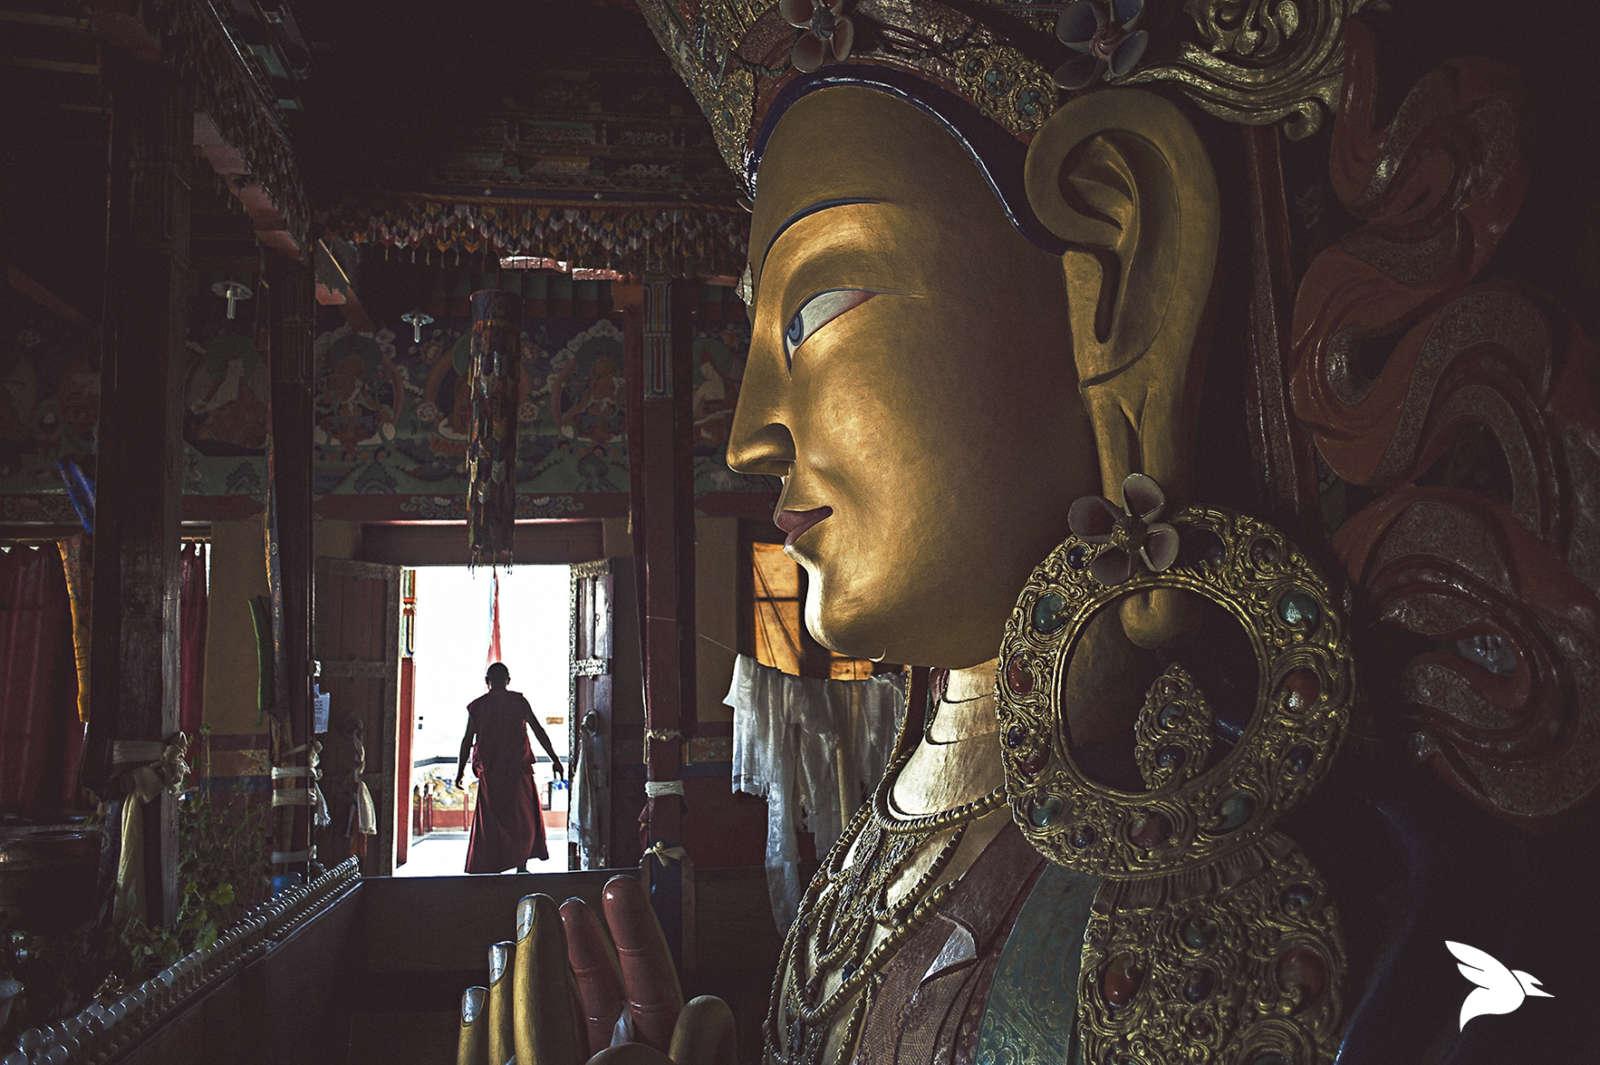 Send It Sideways buddha